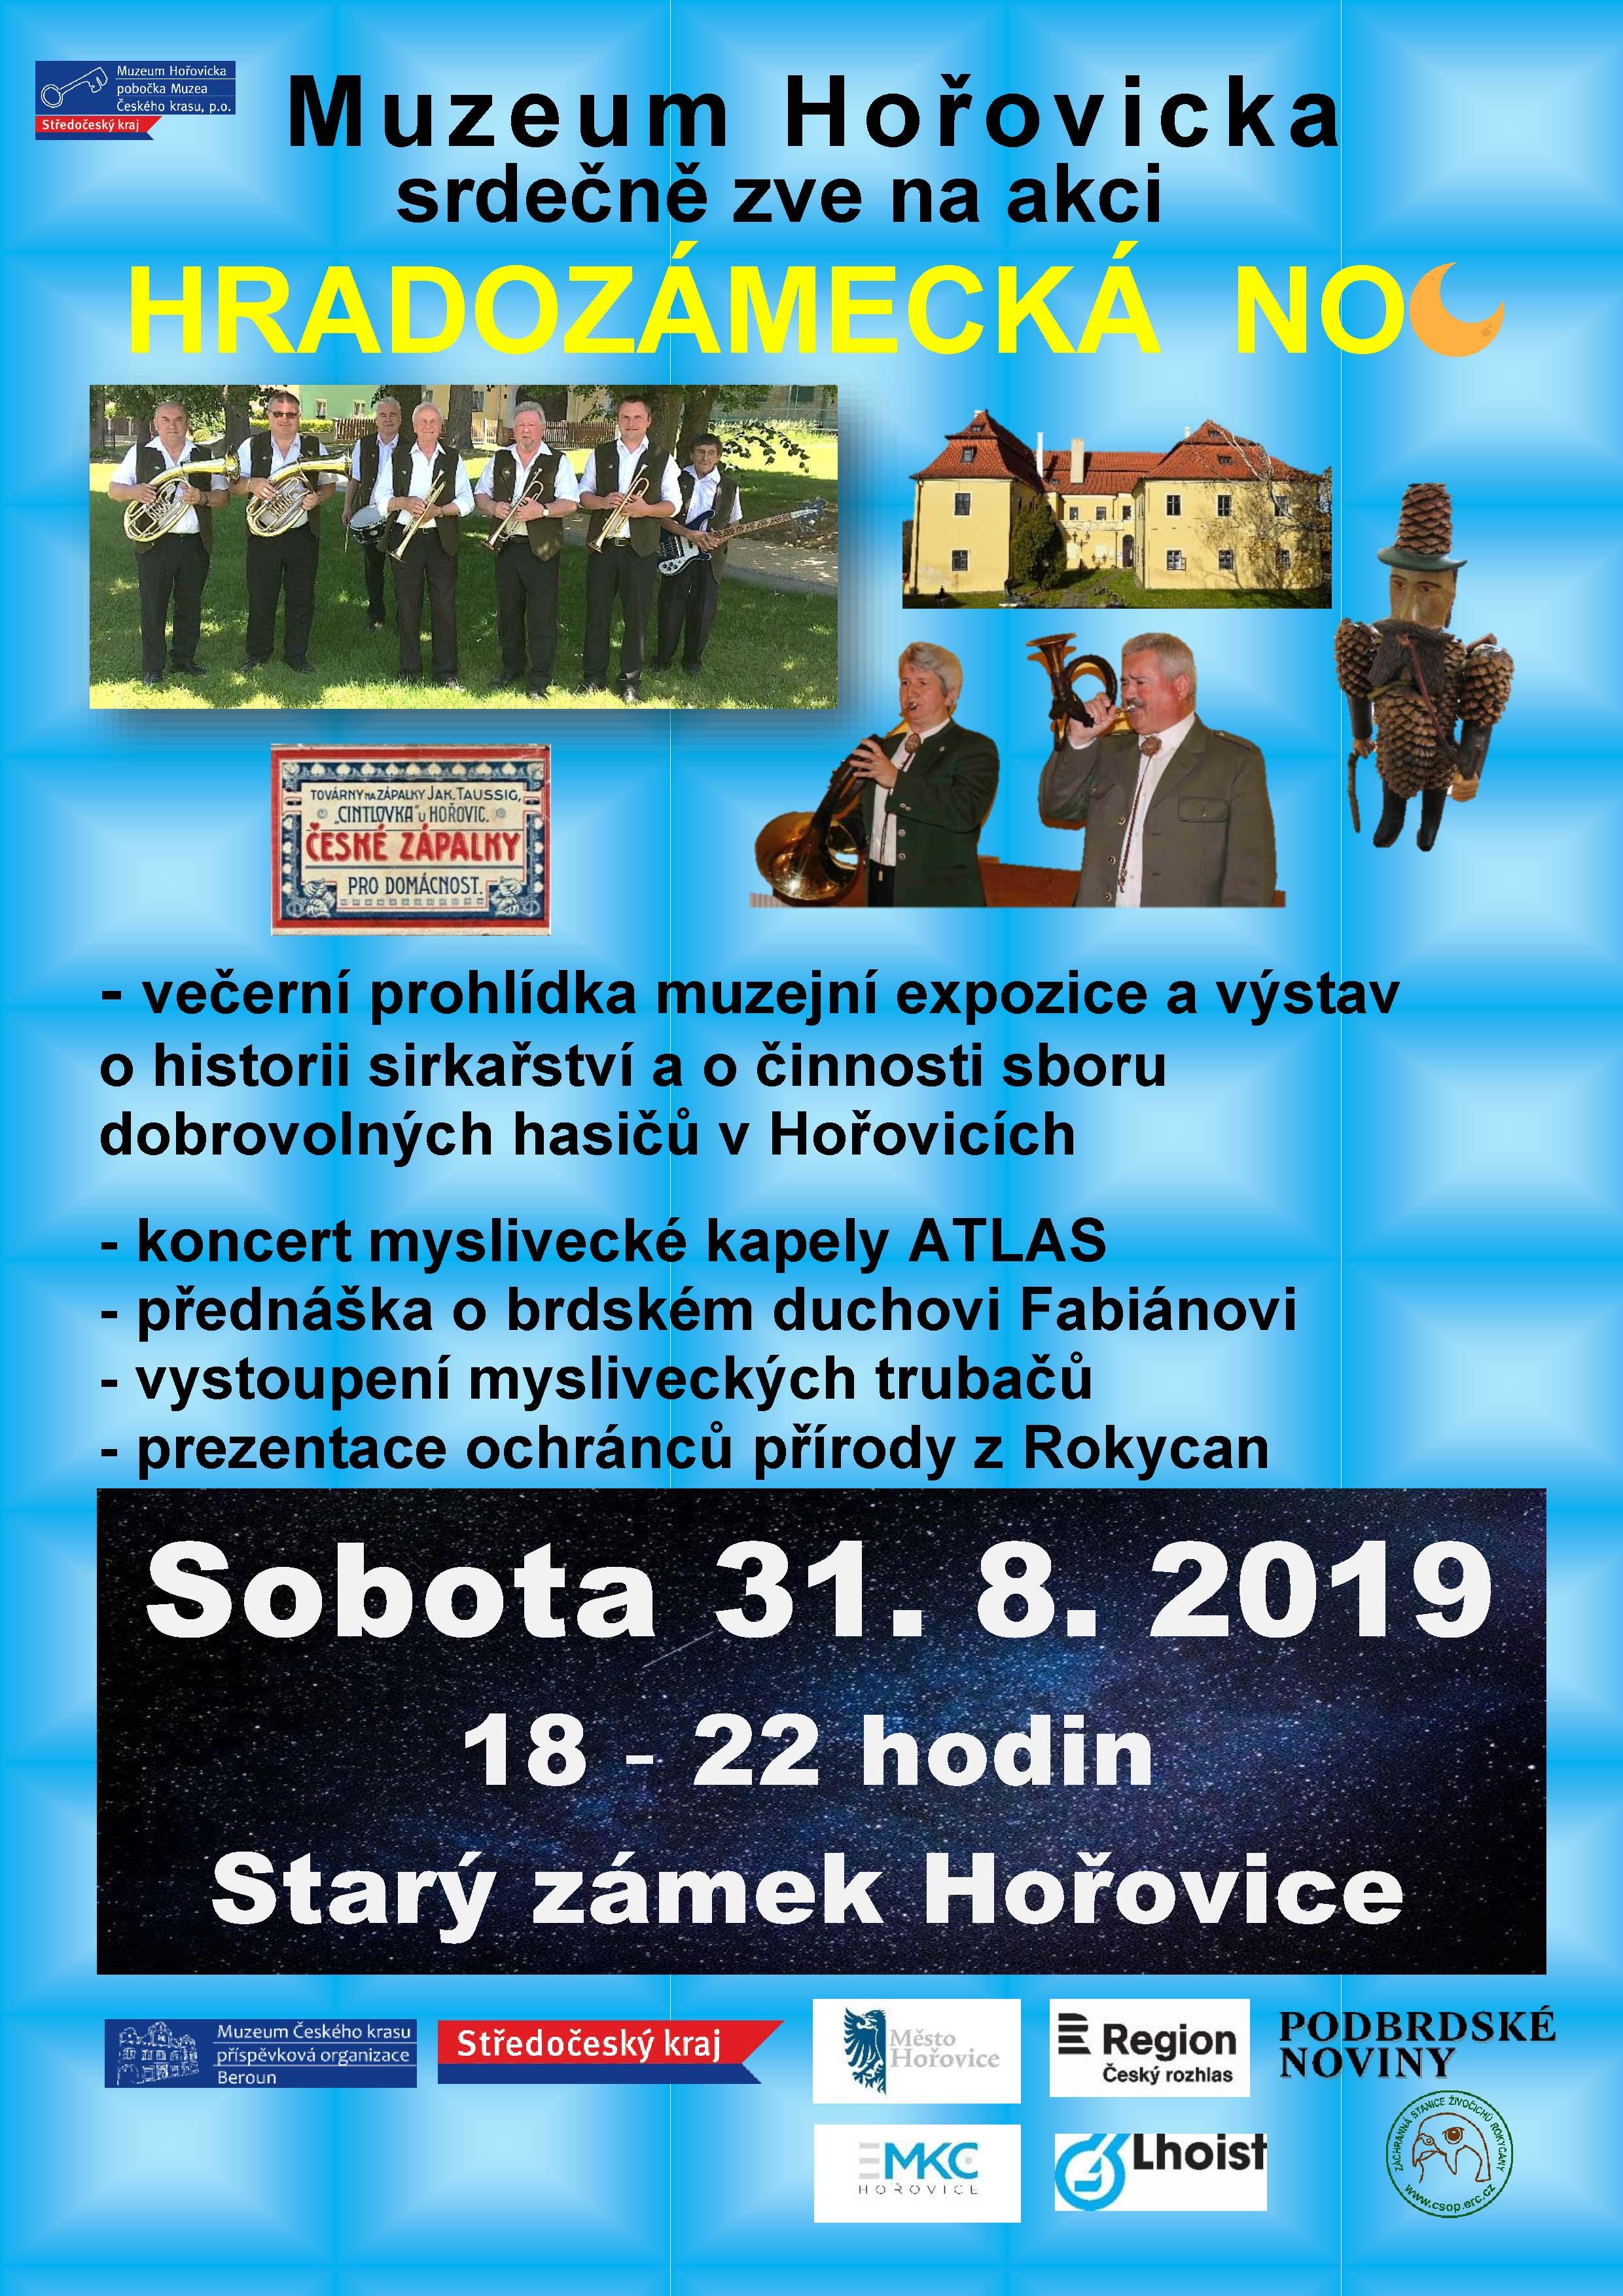 HradozameckaNOC_2019-plakat-opr